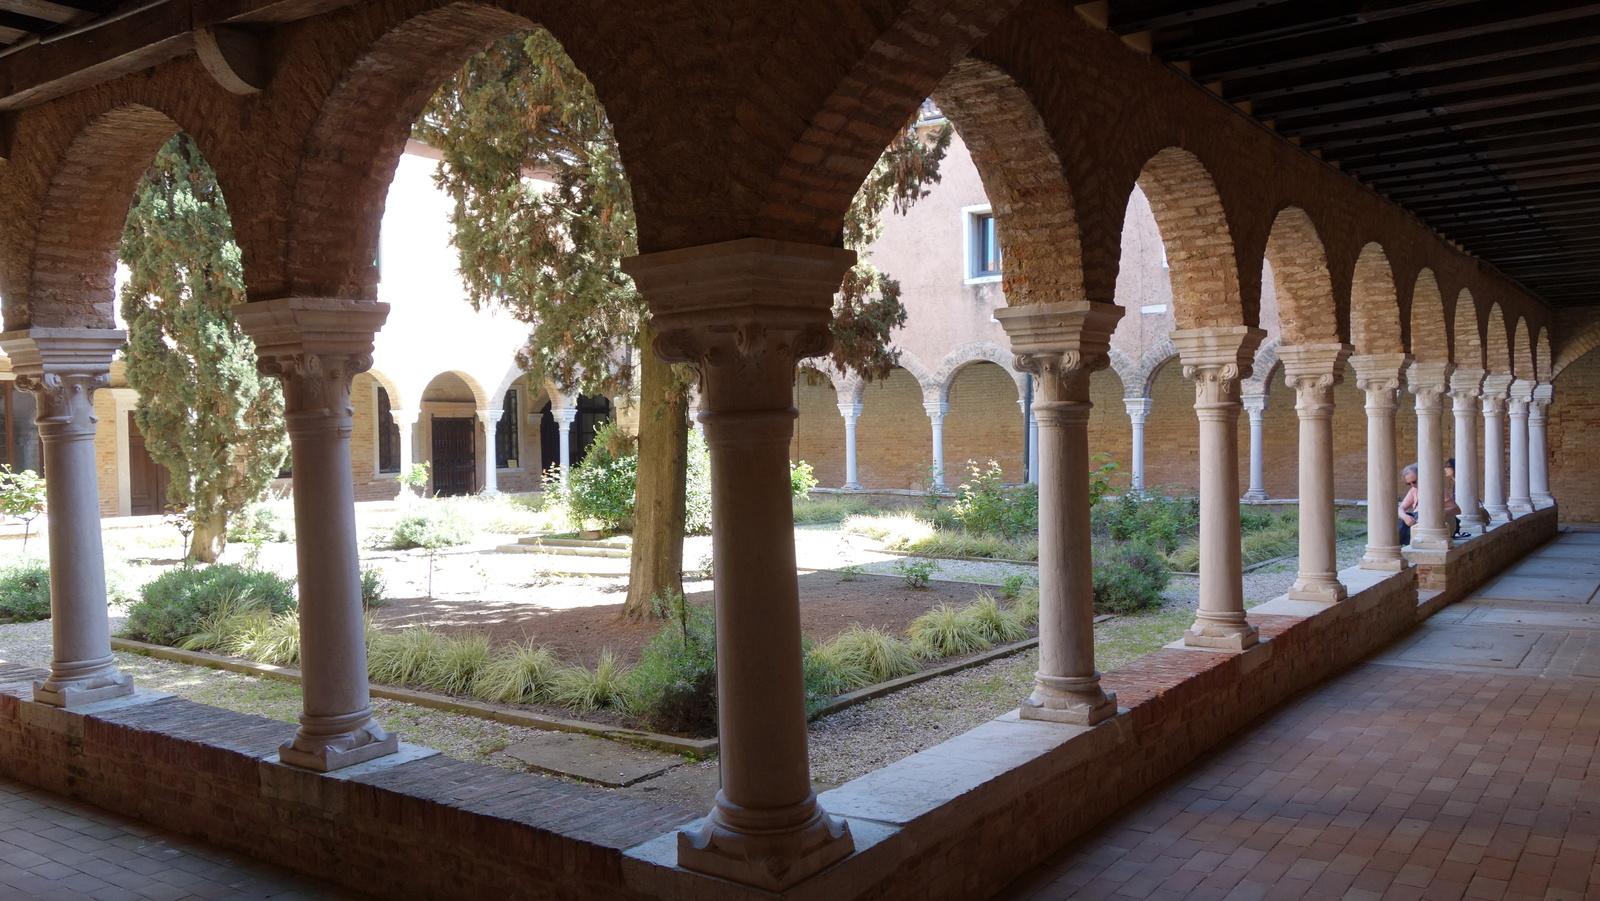 067 - San Francesco della Vigna